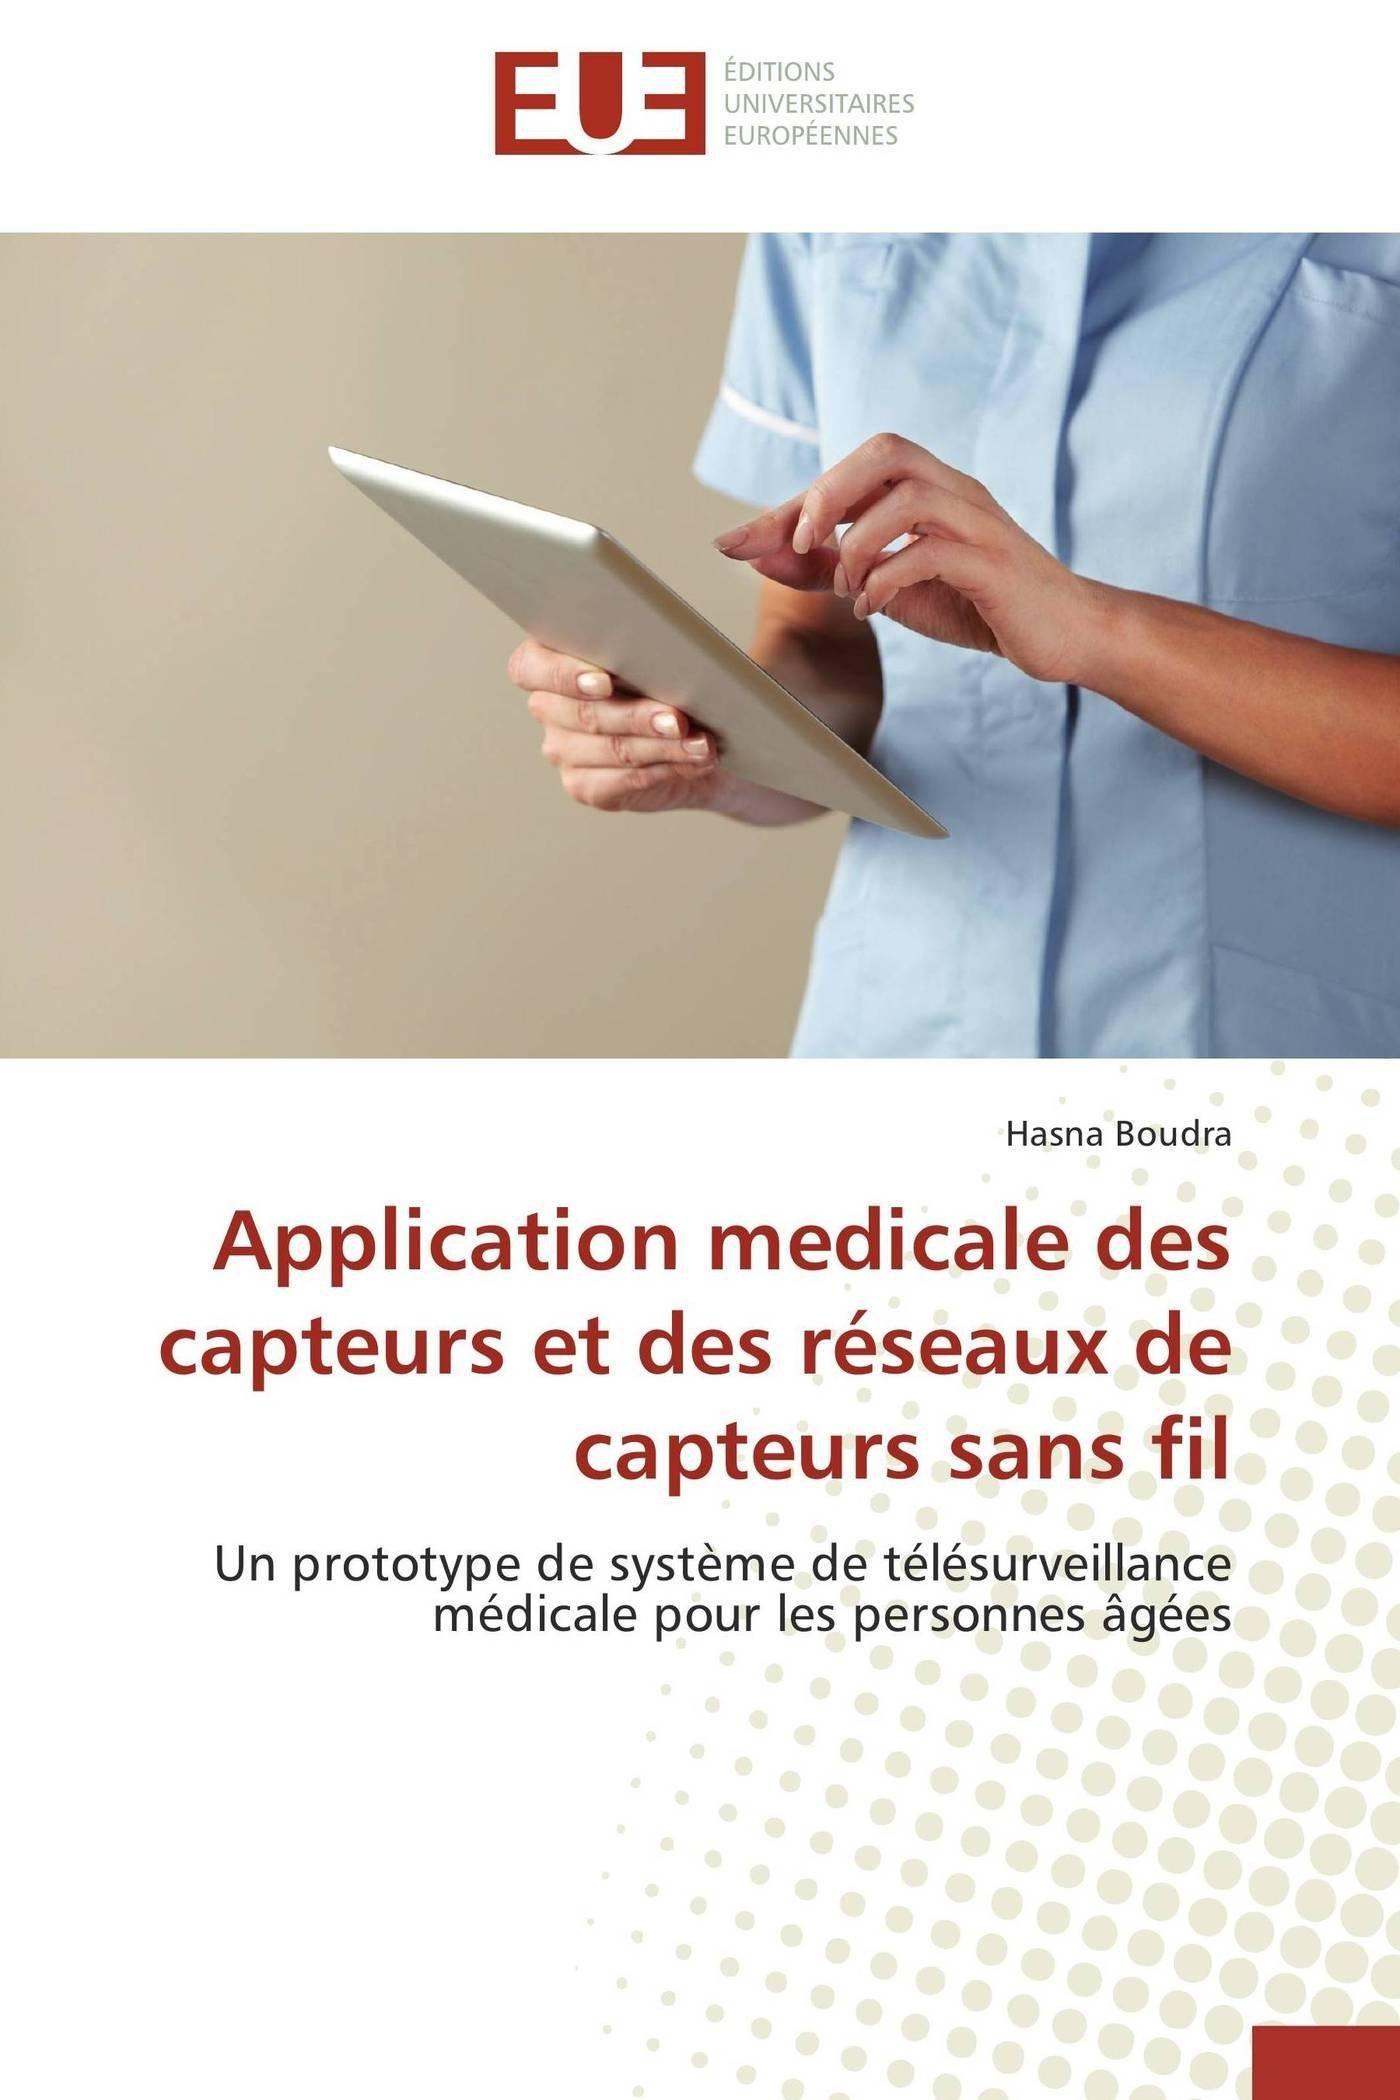 Application medicale des capteurs et des réseaux de capteurs sans fil: Un prototype de système de télésurveillance médicale pour les personnes âgées (Omn.Univ.Europ.) (French Edition) PDF